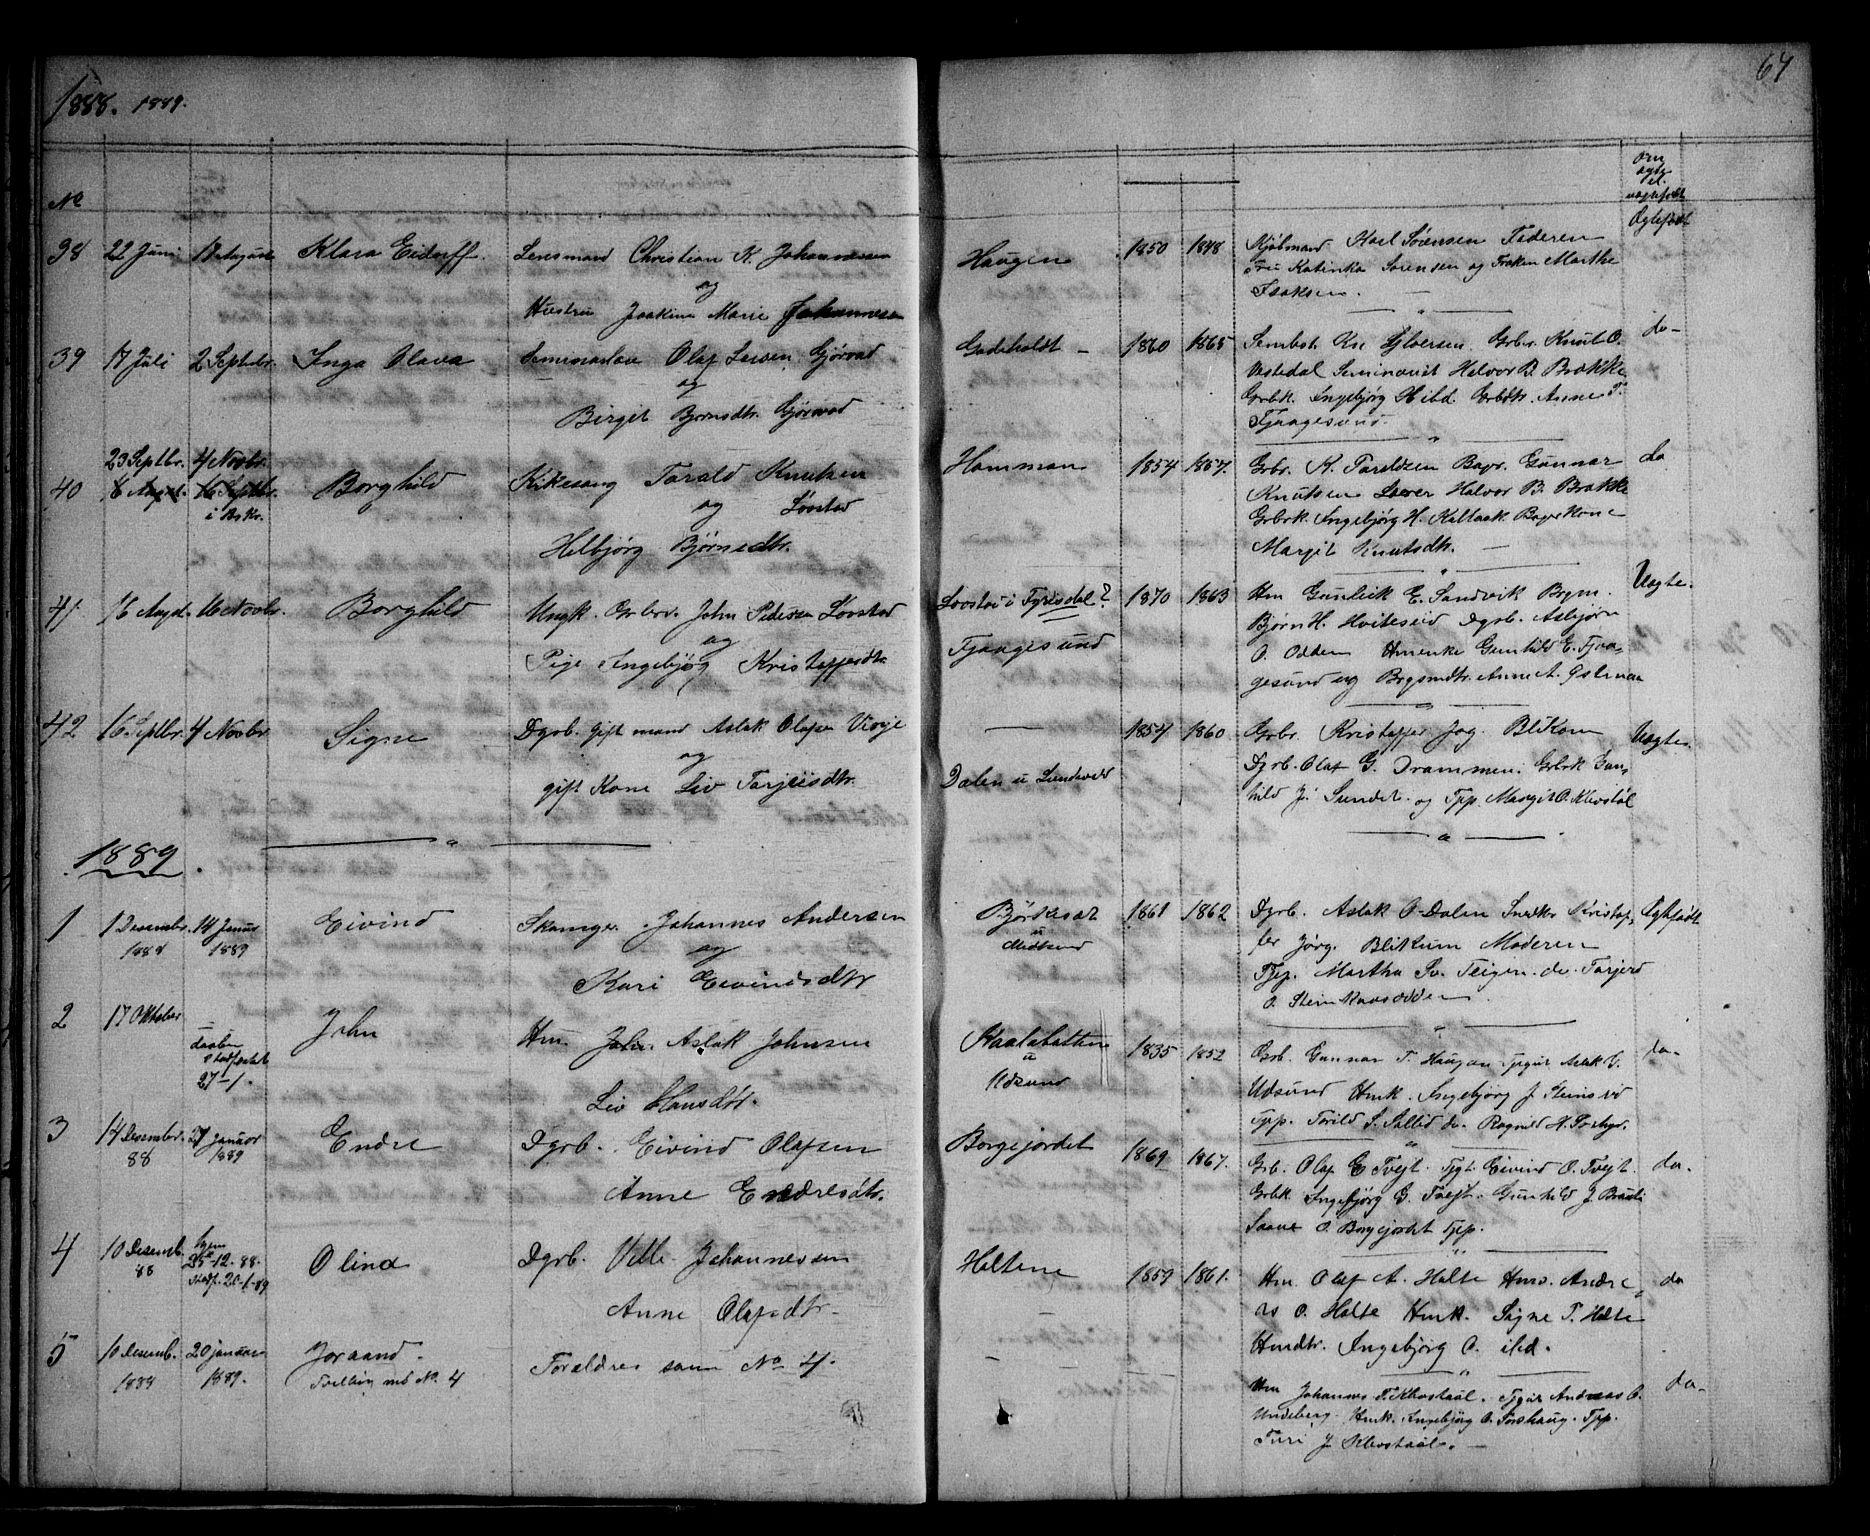 SAKO, Kviteseid kirkebøker, G/Ga/L0001: Klokkerbok nr. I 1, 1850-1893, s. 67